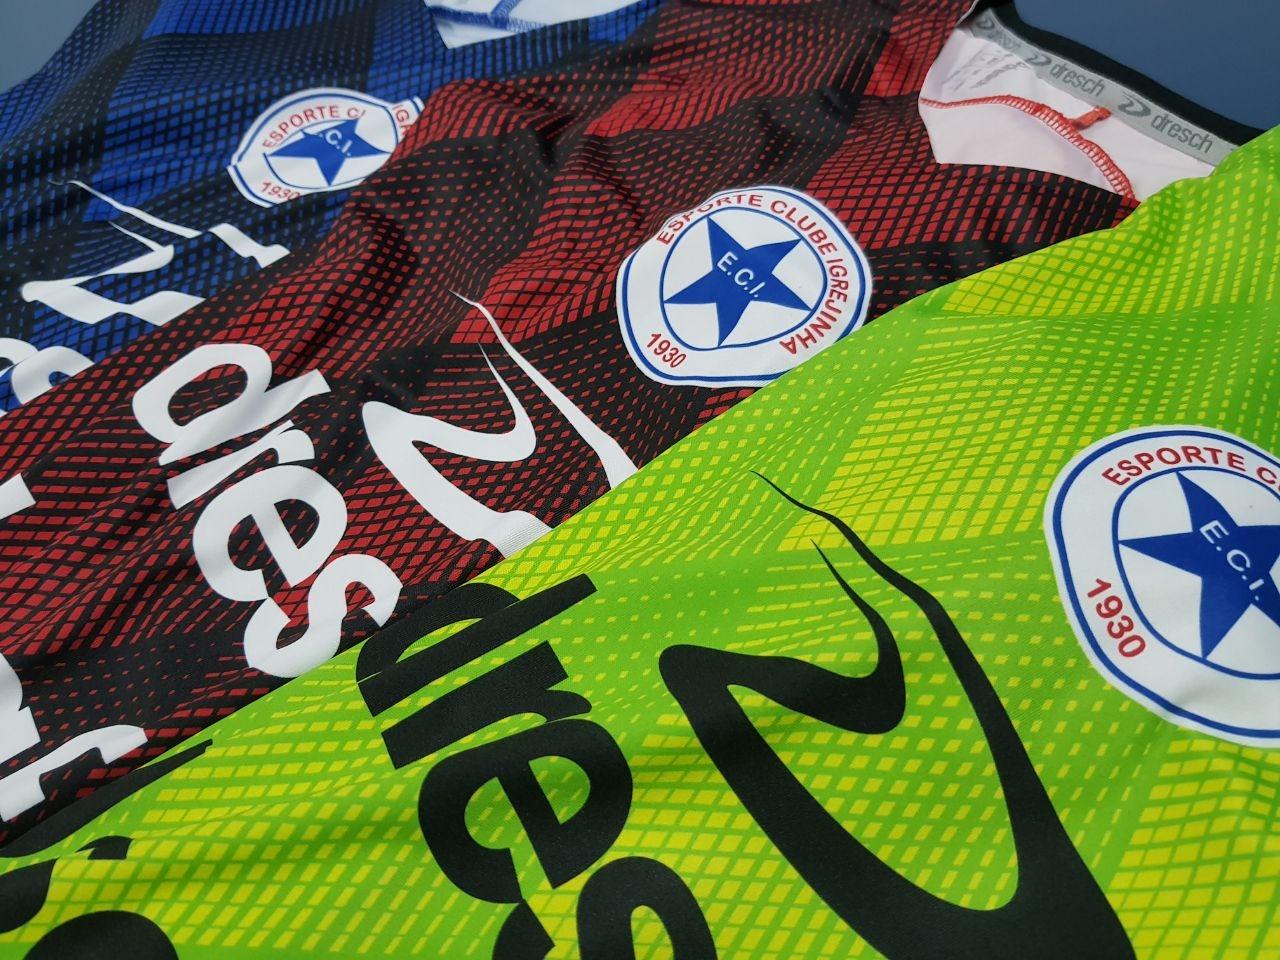 37872c6d34 Martin Behrend - Esporte Clube Igrejinha terá mesmo fornecedor de ...